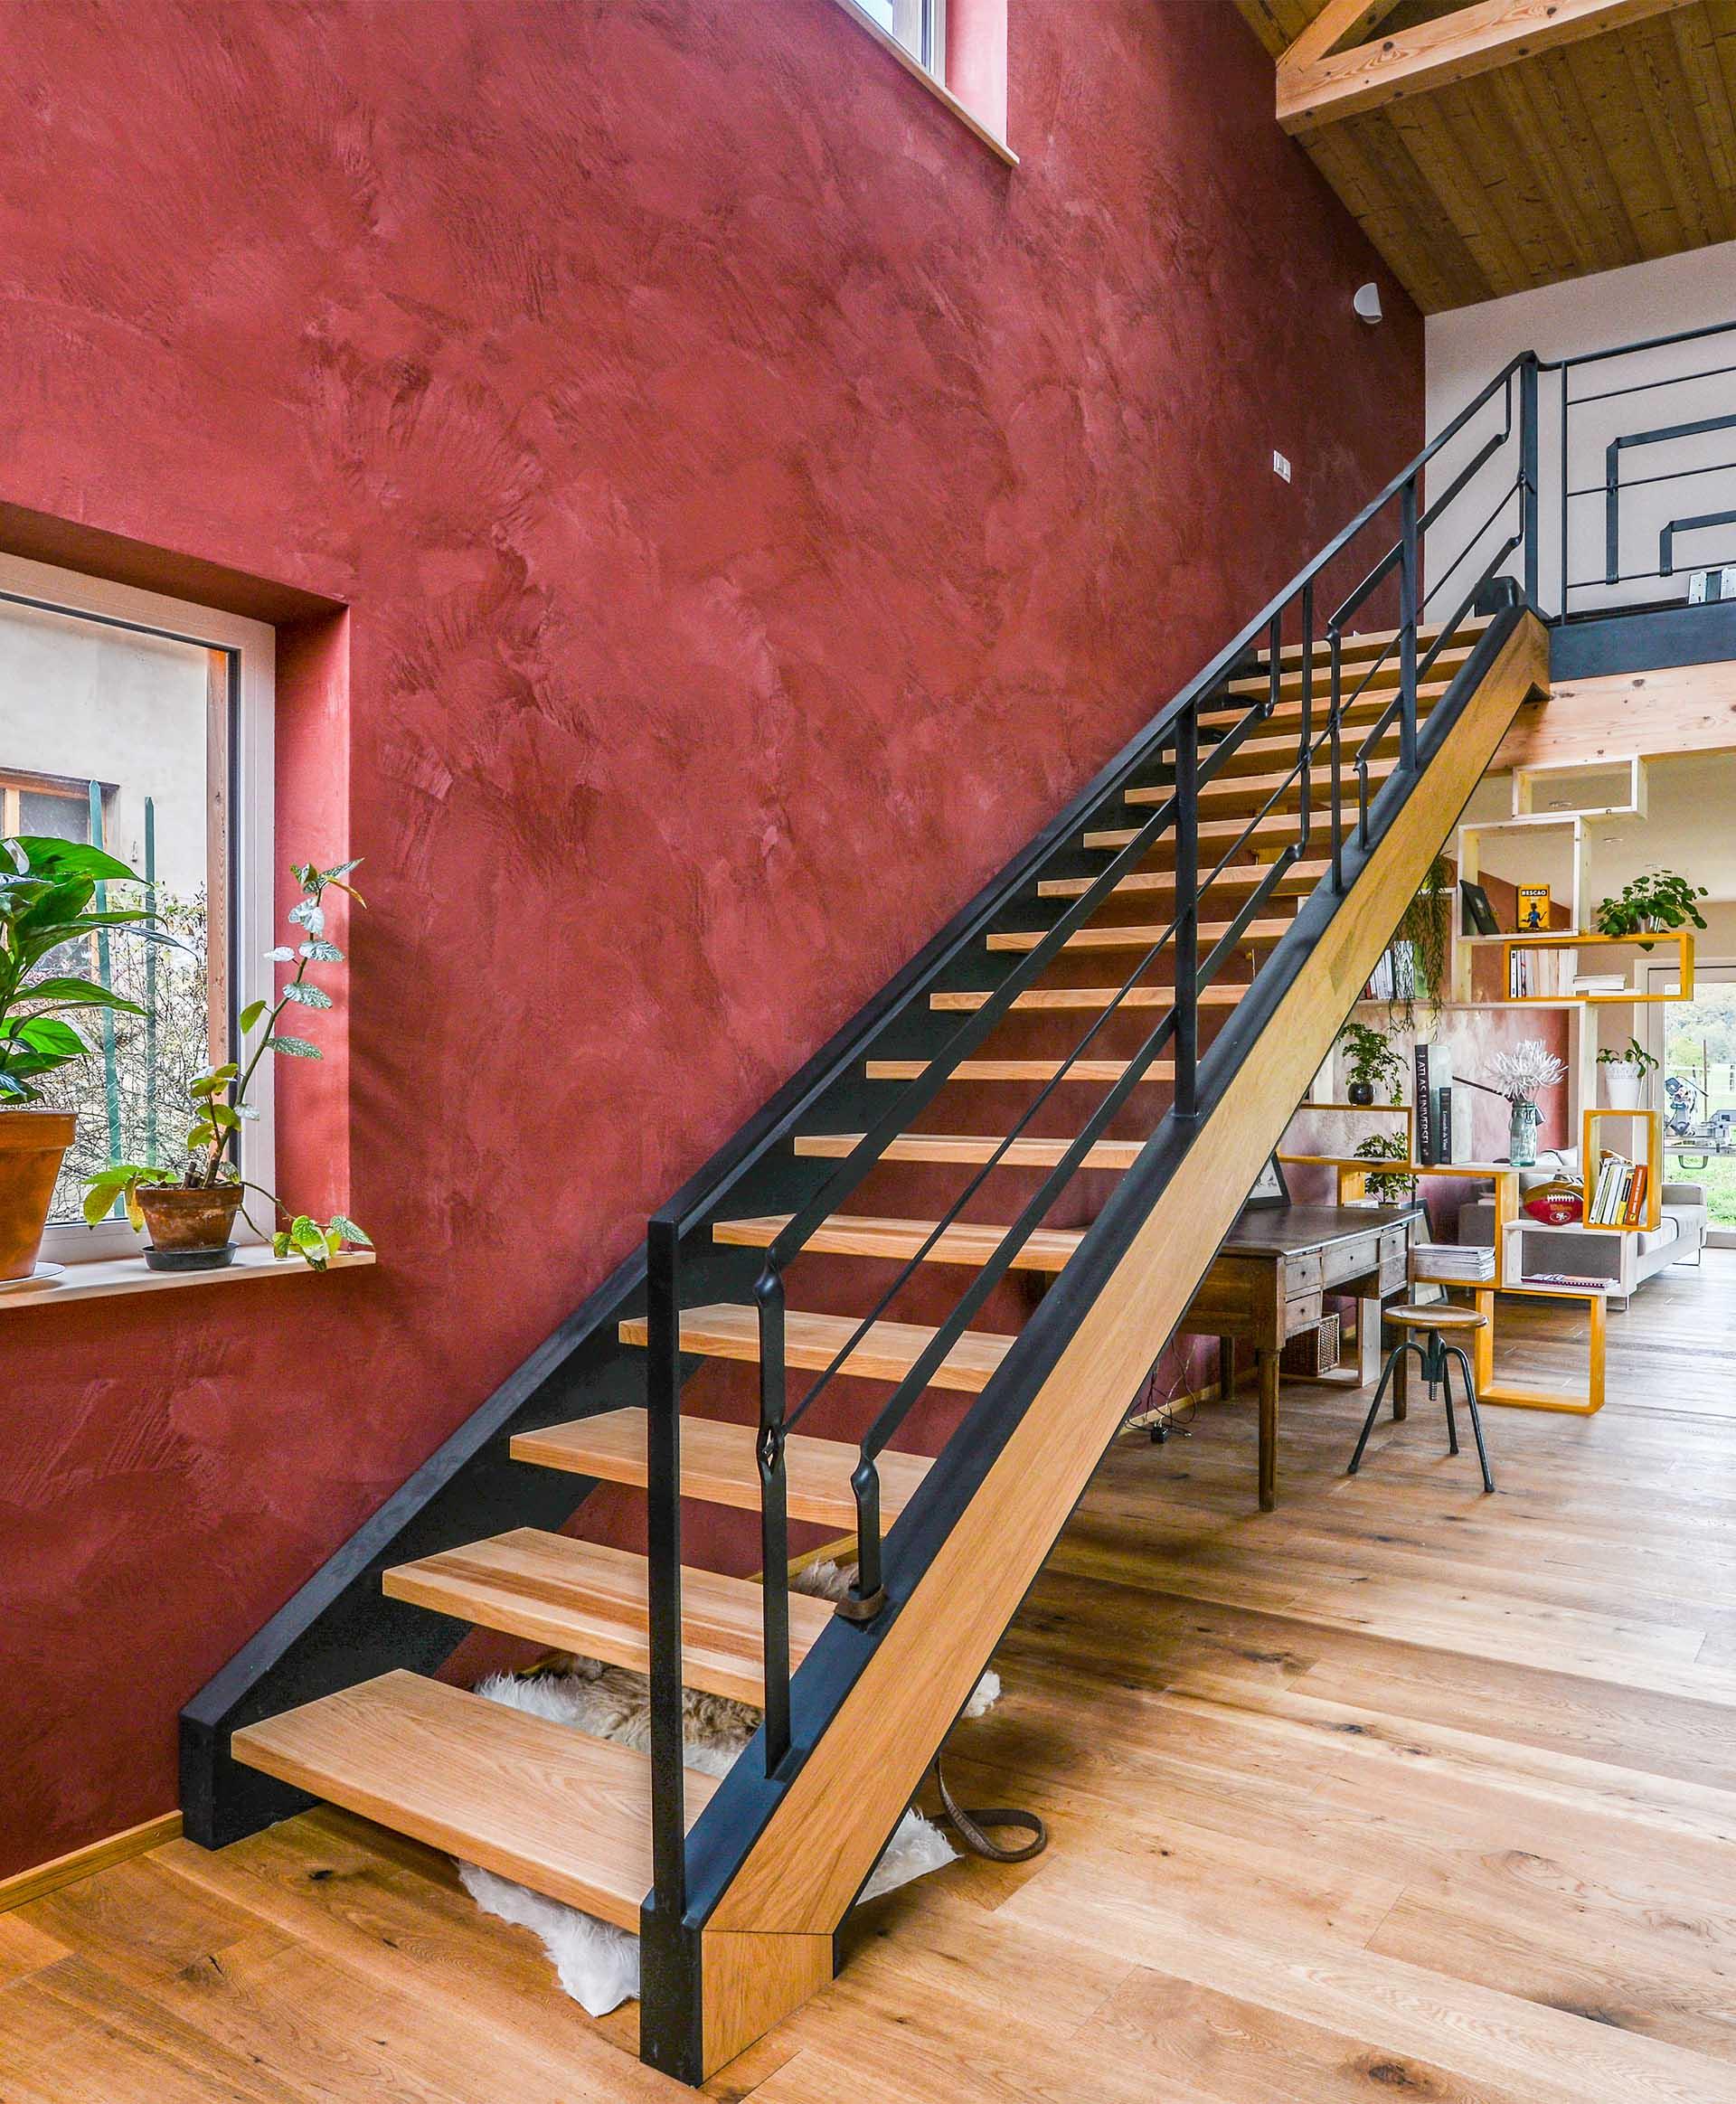 Réalisation et pose d'un escalier en bois et métal chez un particulier